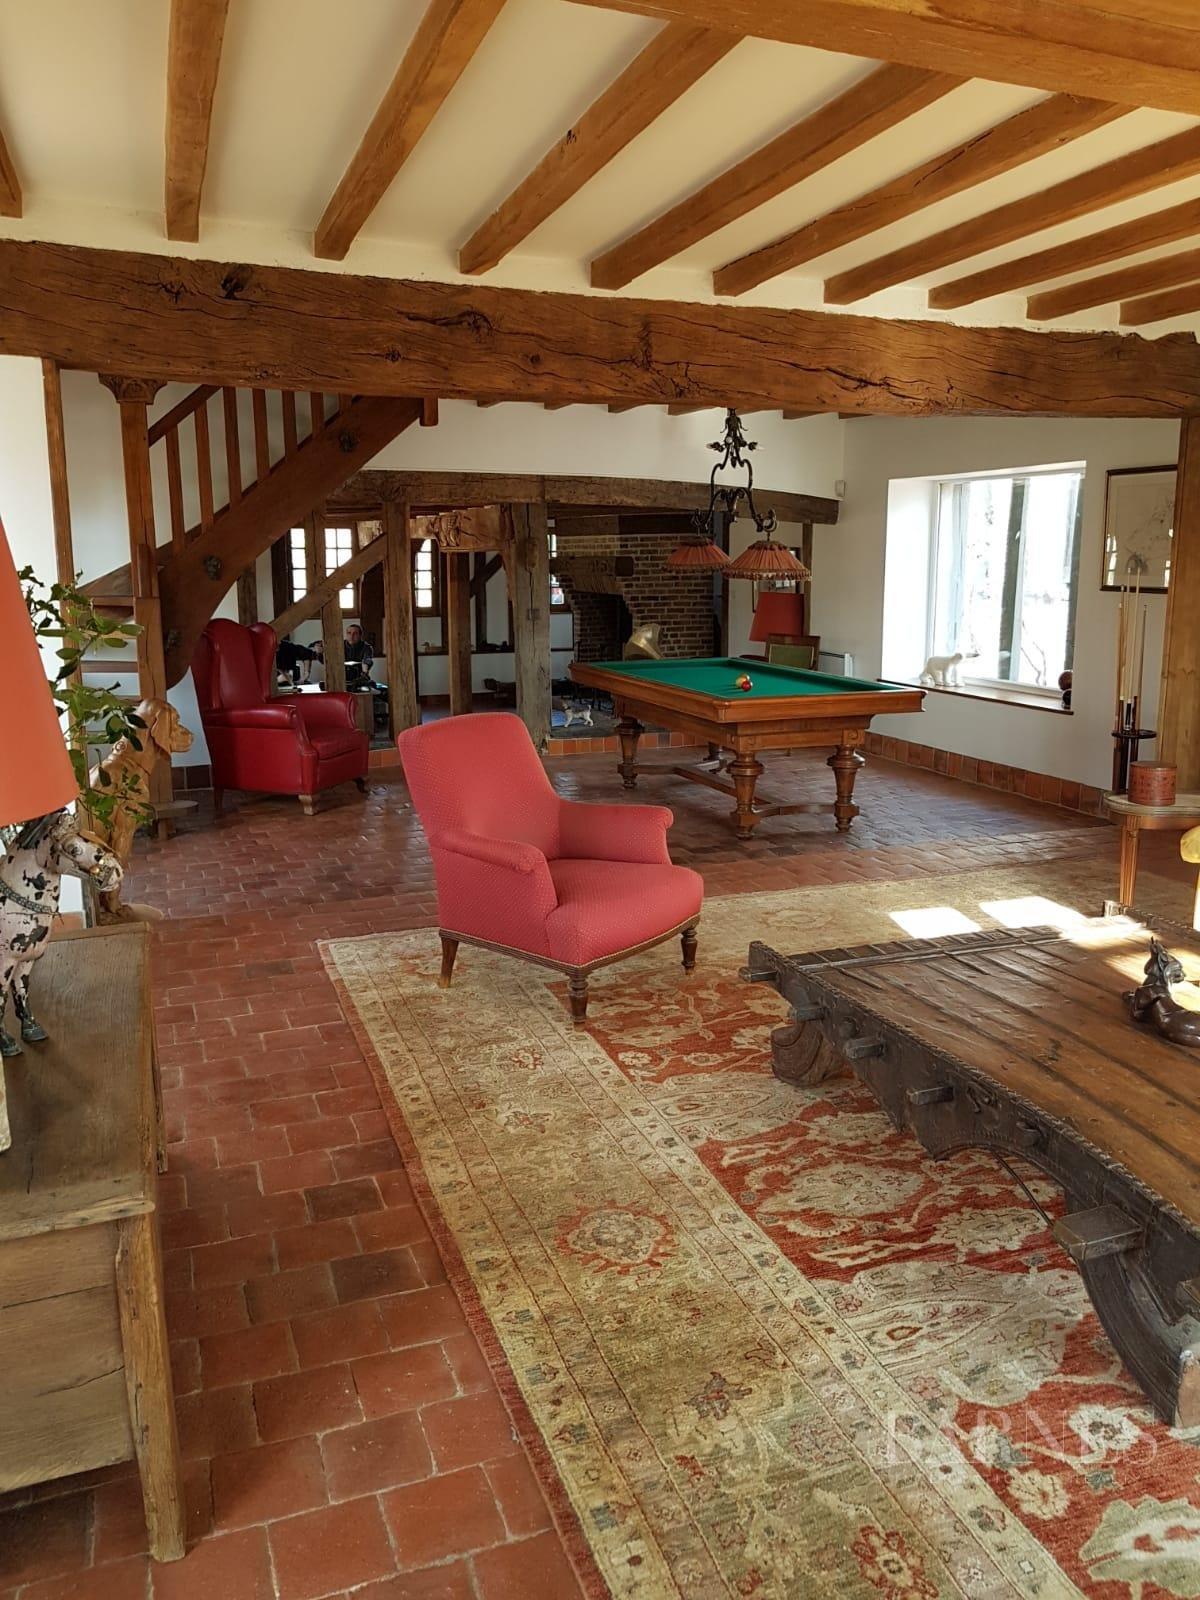 Lamotte-Beuvron  - Domaine de chasse 7 Pièces 5 Chambres - picture 9